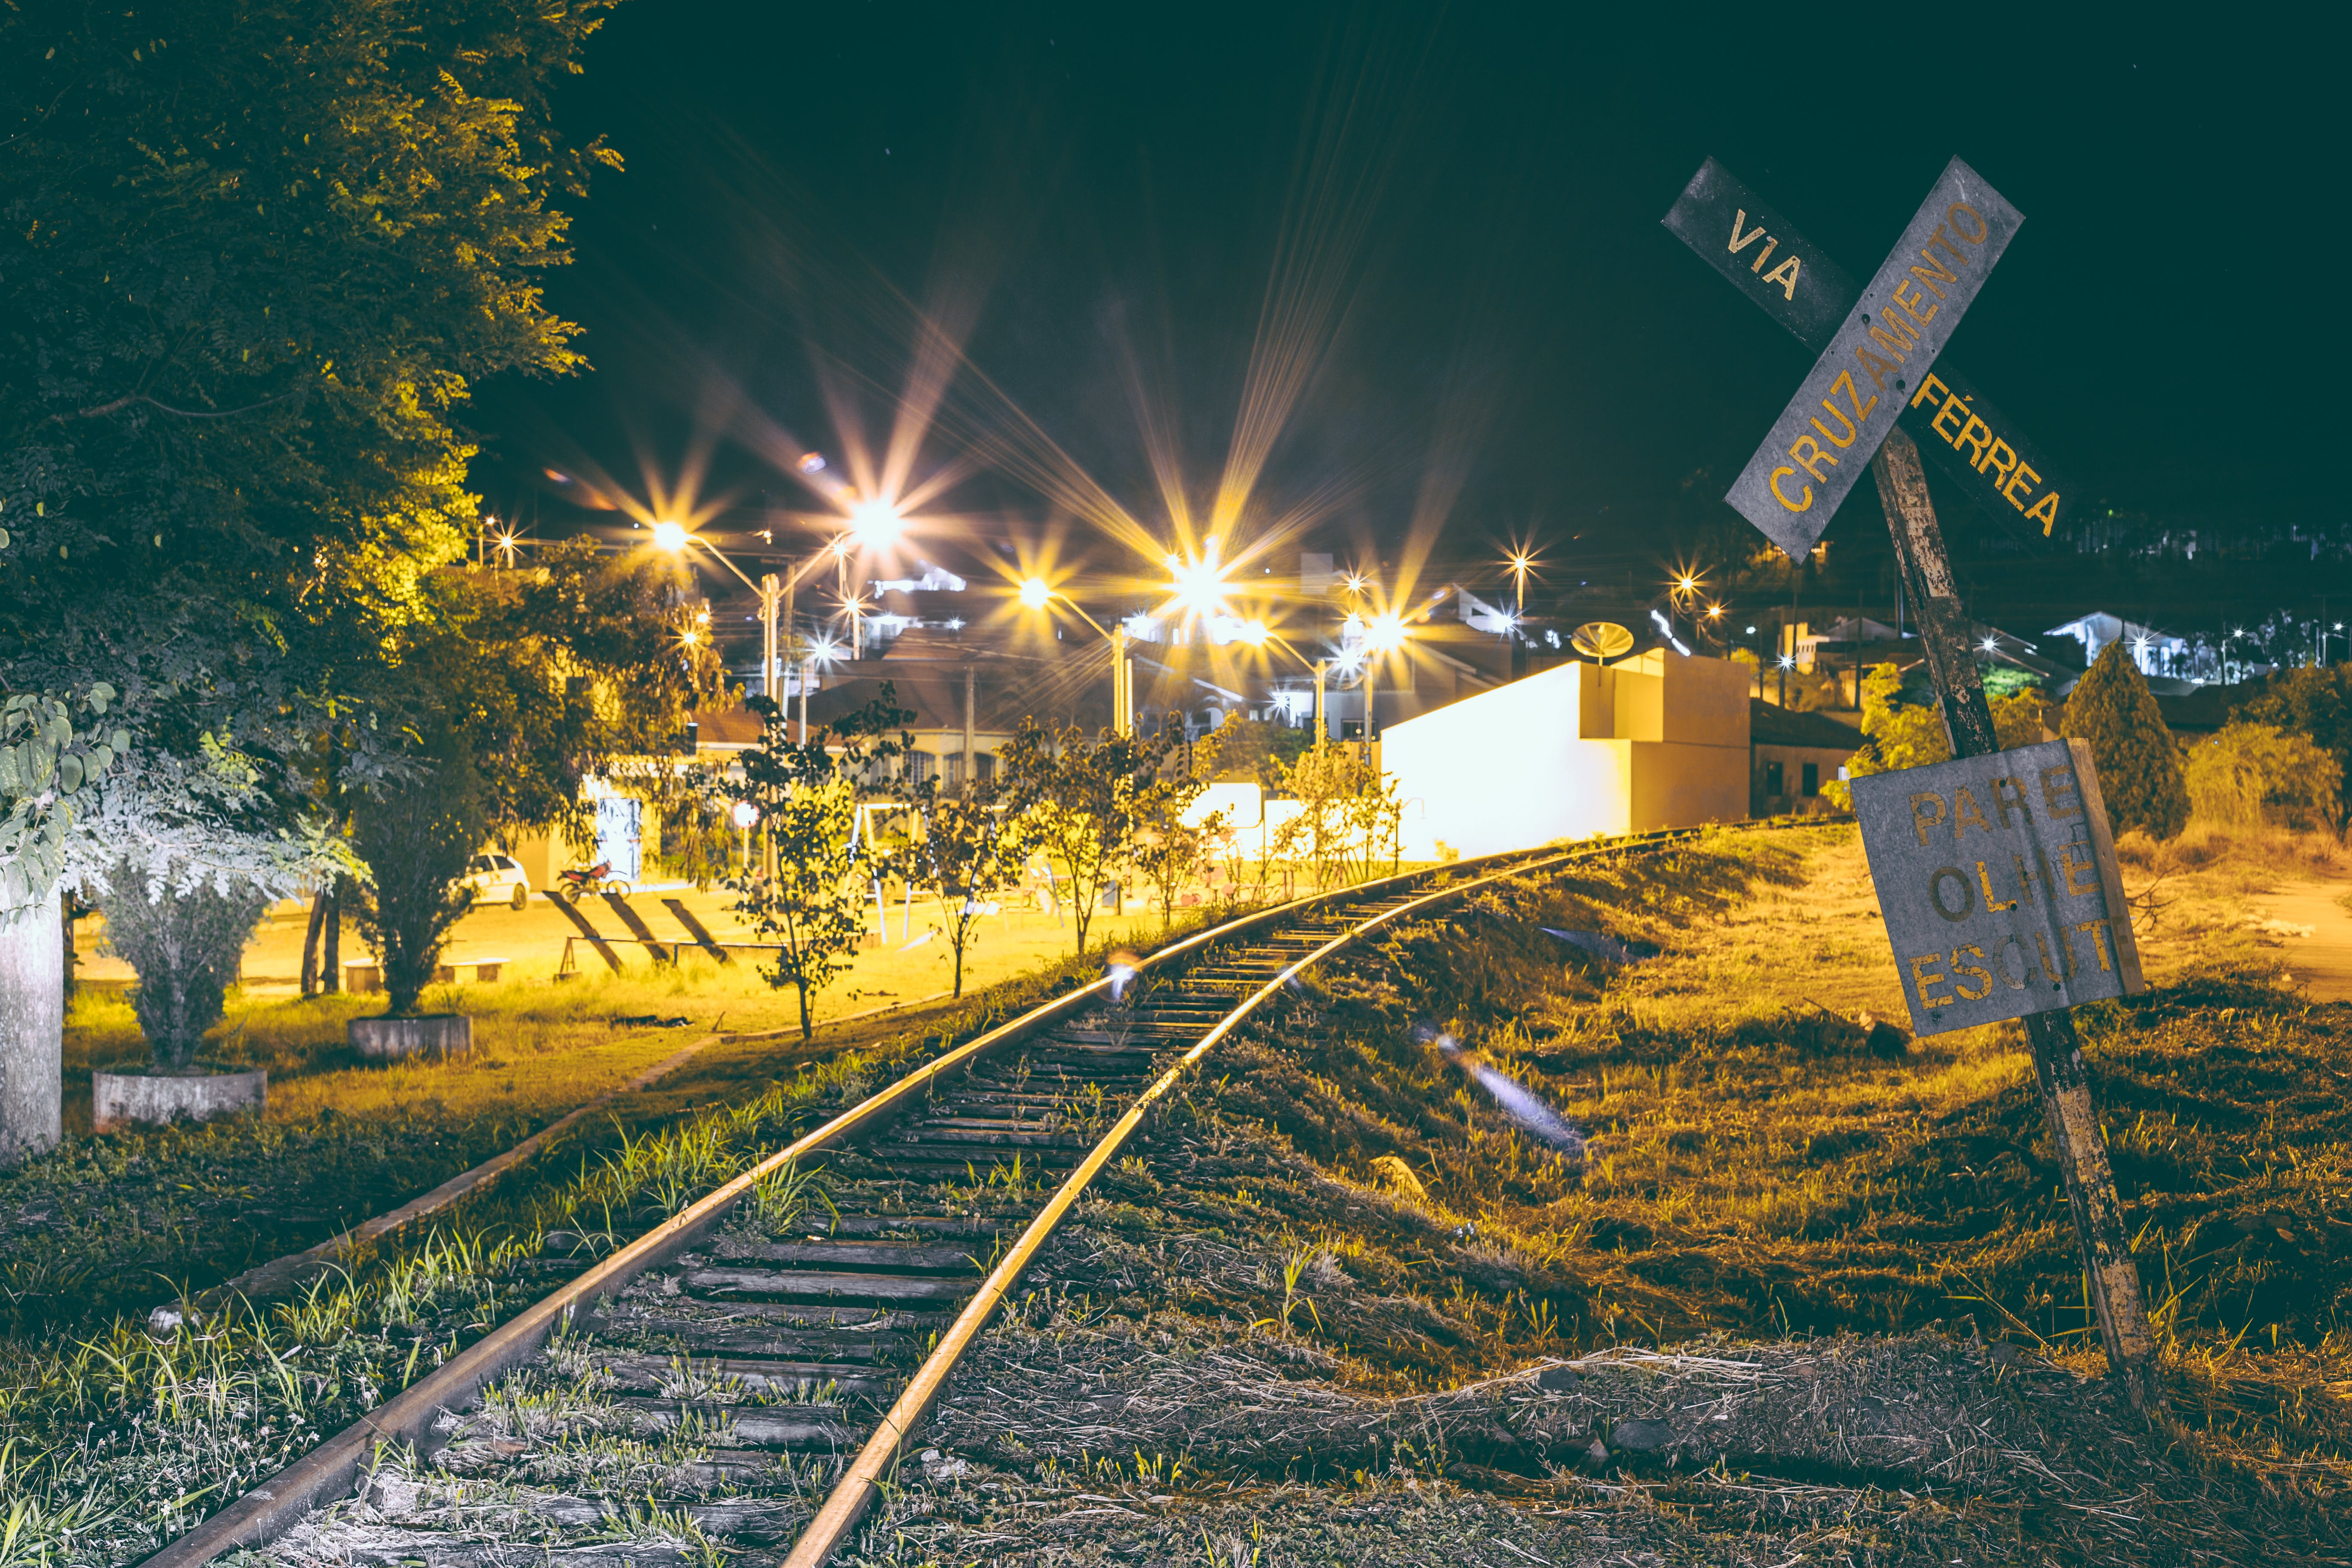 Kostnadsfri bild av infrastruktur, ljus, lokomotiv, skylt